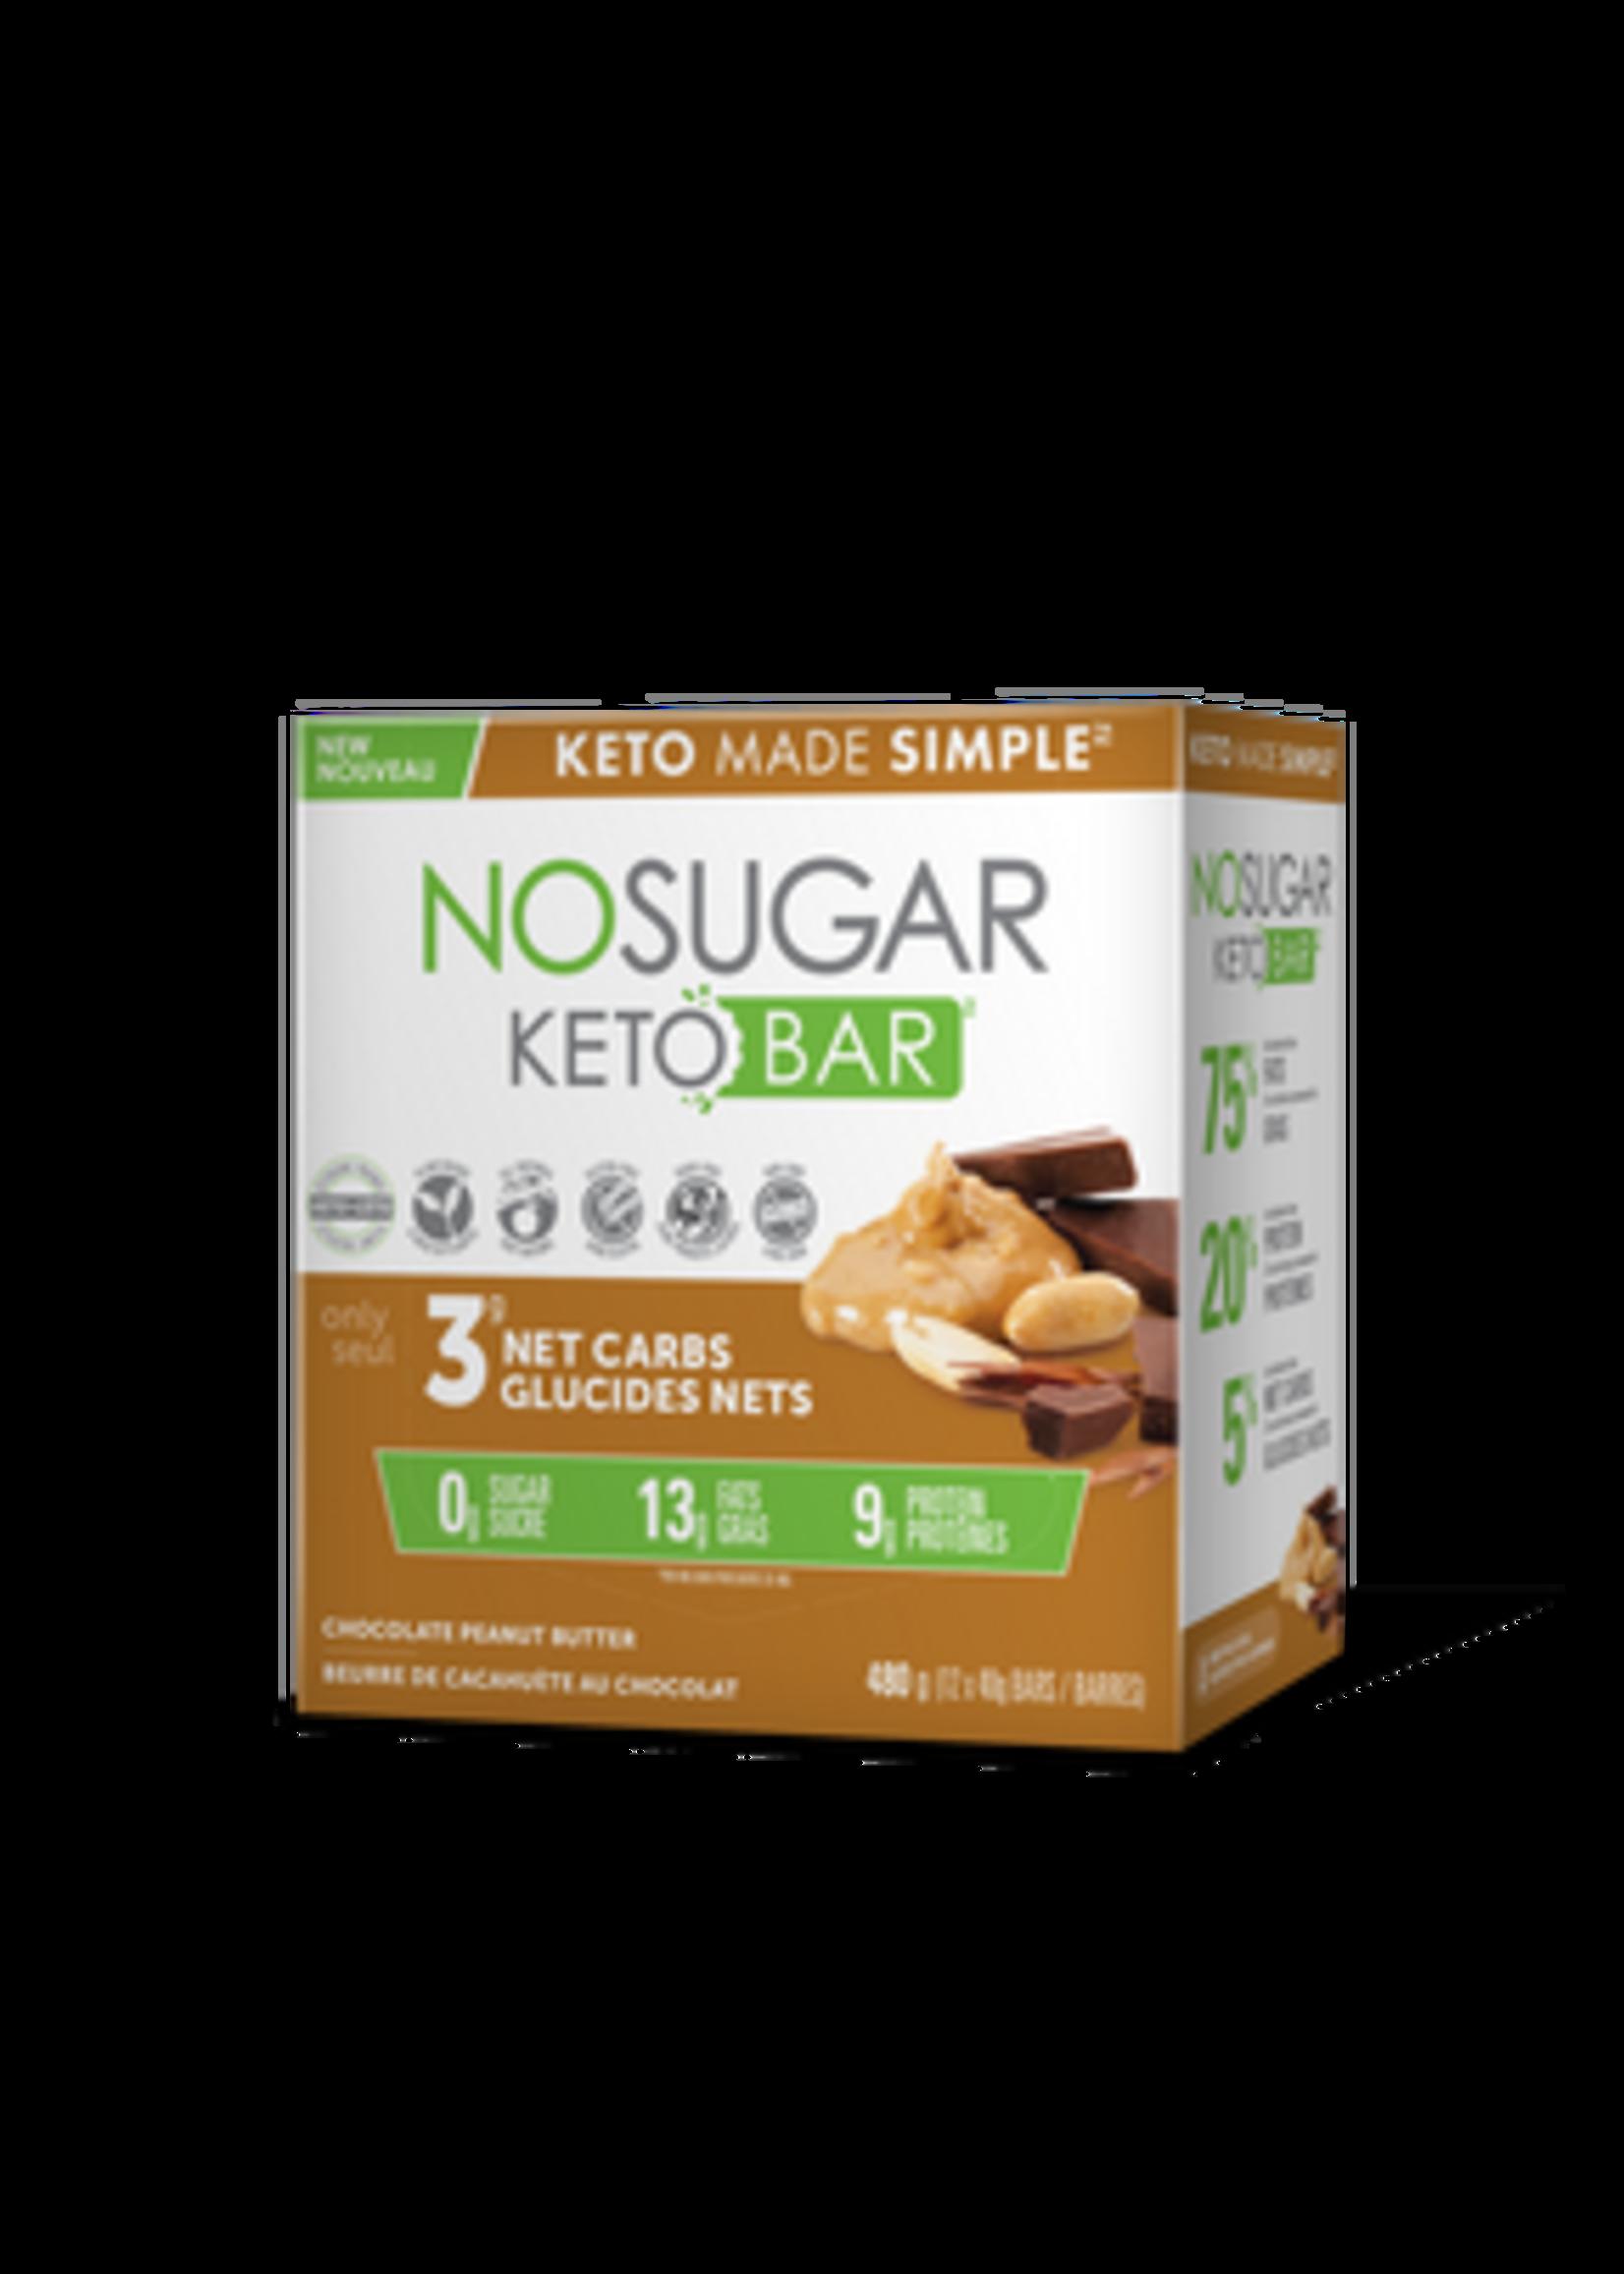 Keto Made Simple NoSugar Keto Bar Chocolate Peanut Butter